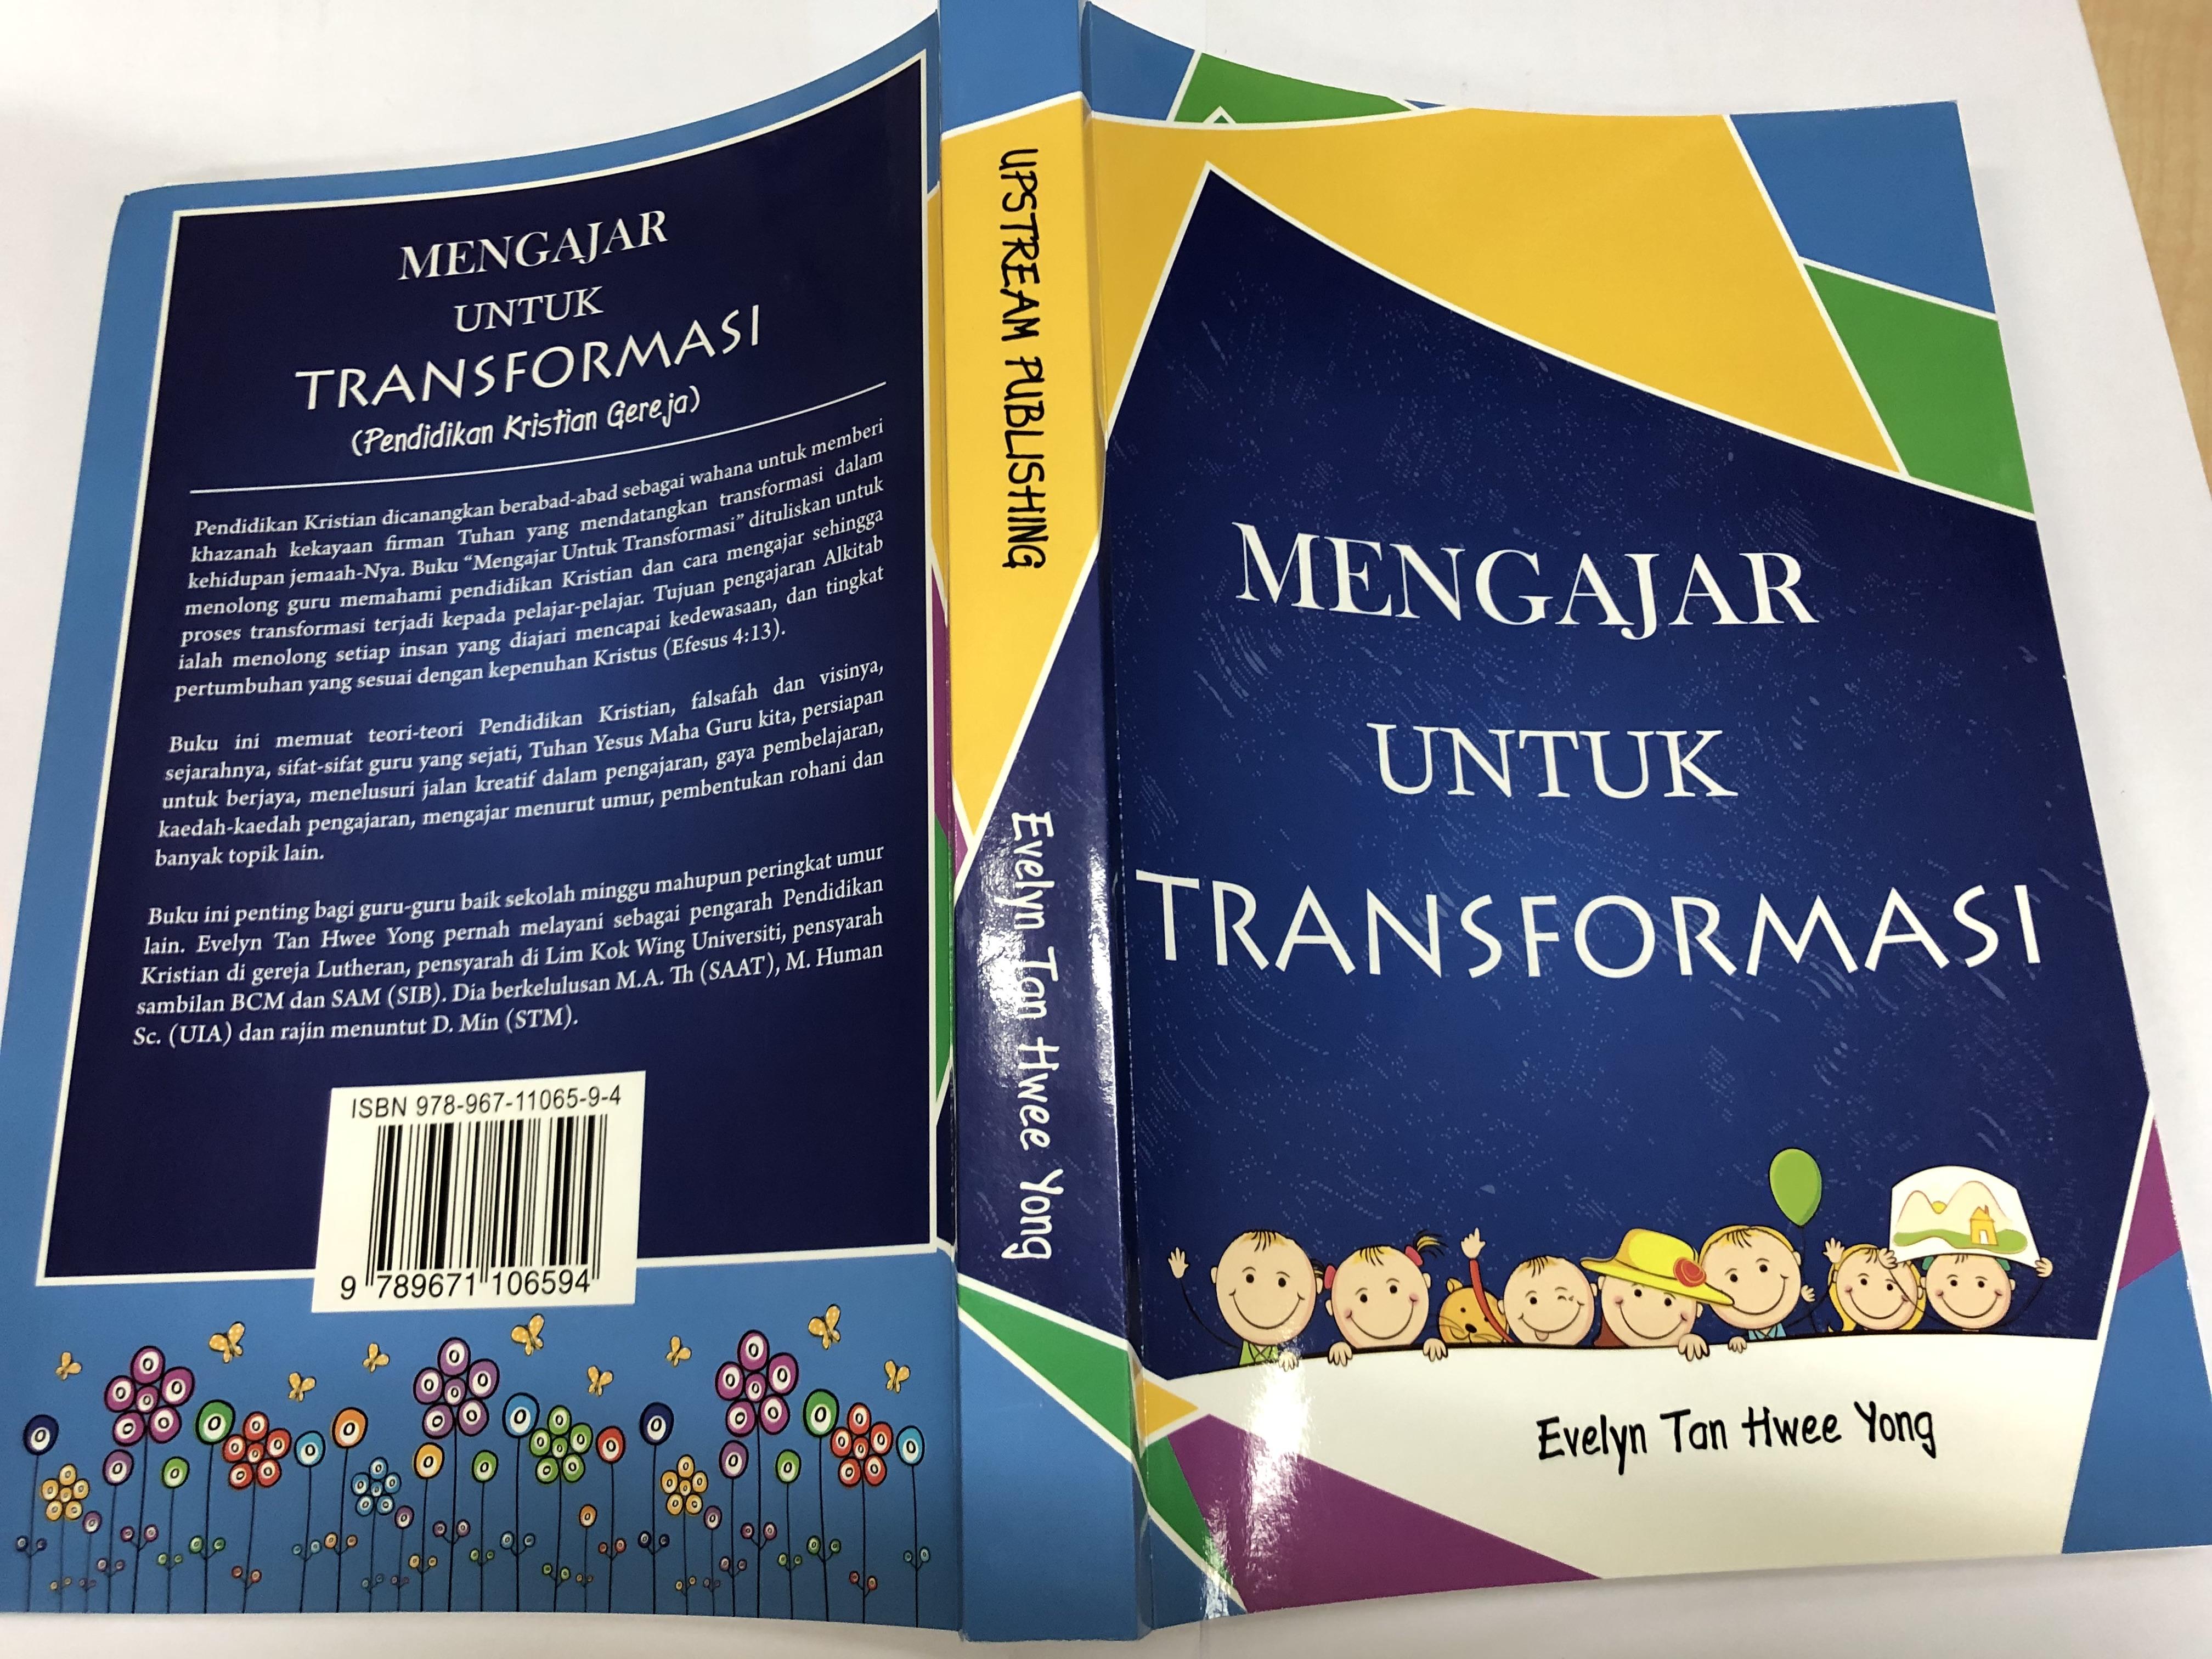 mengajar-untuk-transformasi-15-.jpg